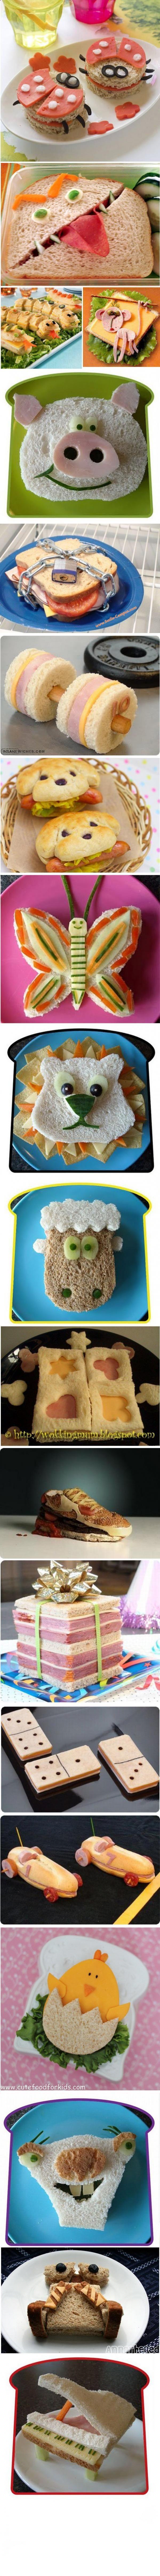 Más Recetas en https://lomejordelaweb.es/ | Découvrez 18 manières de préparer un sandwich.